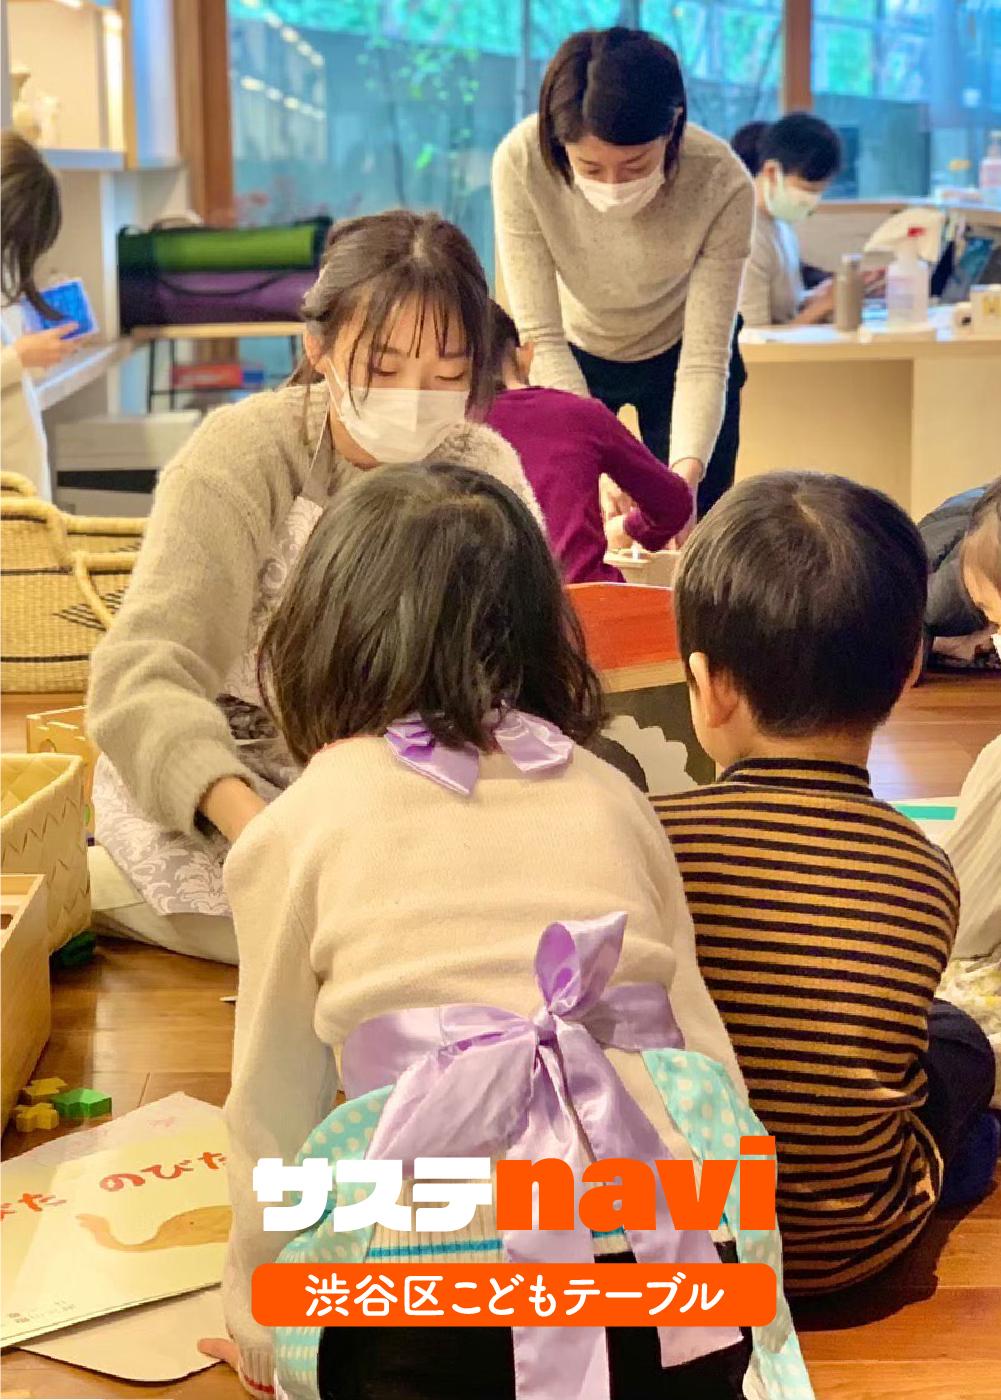 「まず知ってほしい」。青学生の団体が渋谷区こどもテーブルをサポート